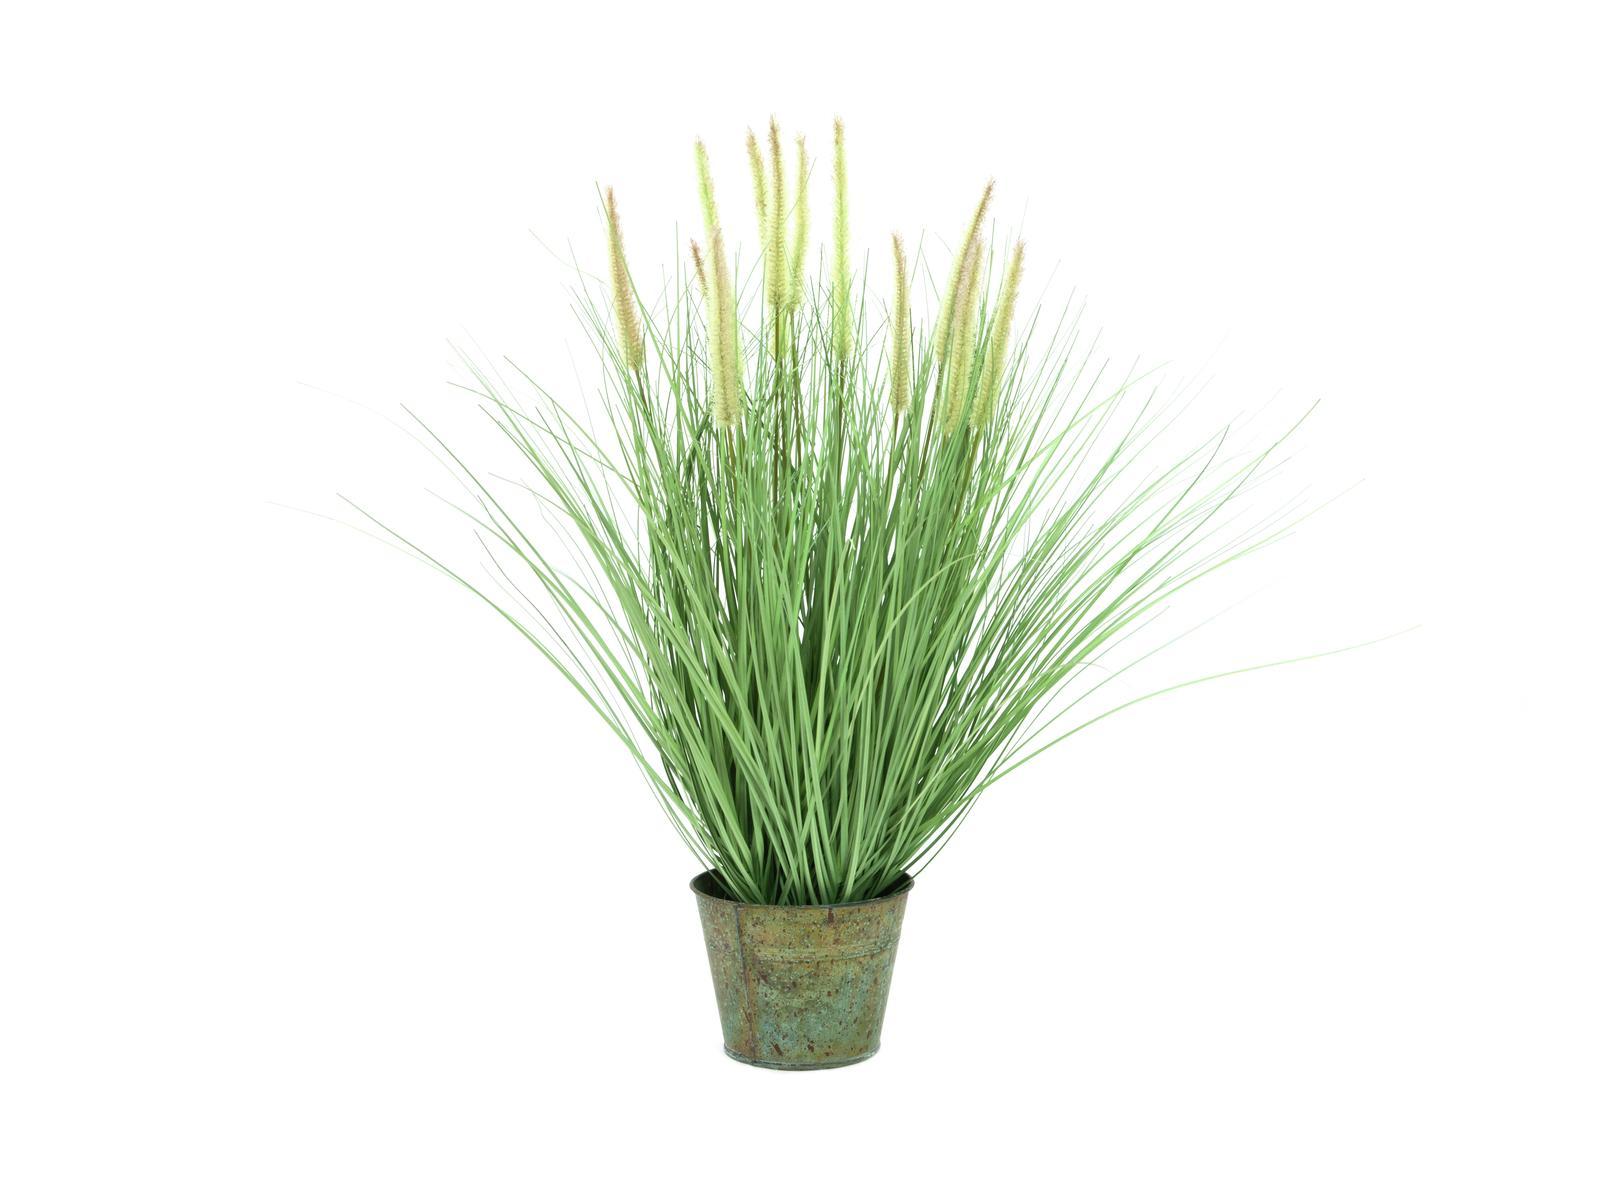 Billede af Kunstig Dekorativ blomstrende Græs, 70cm